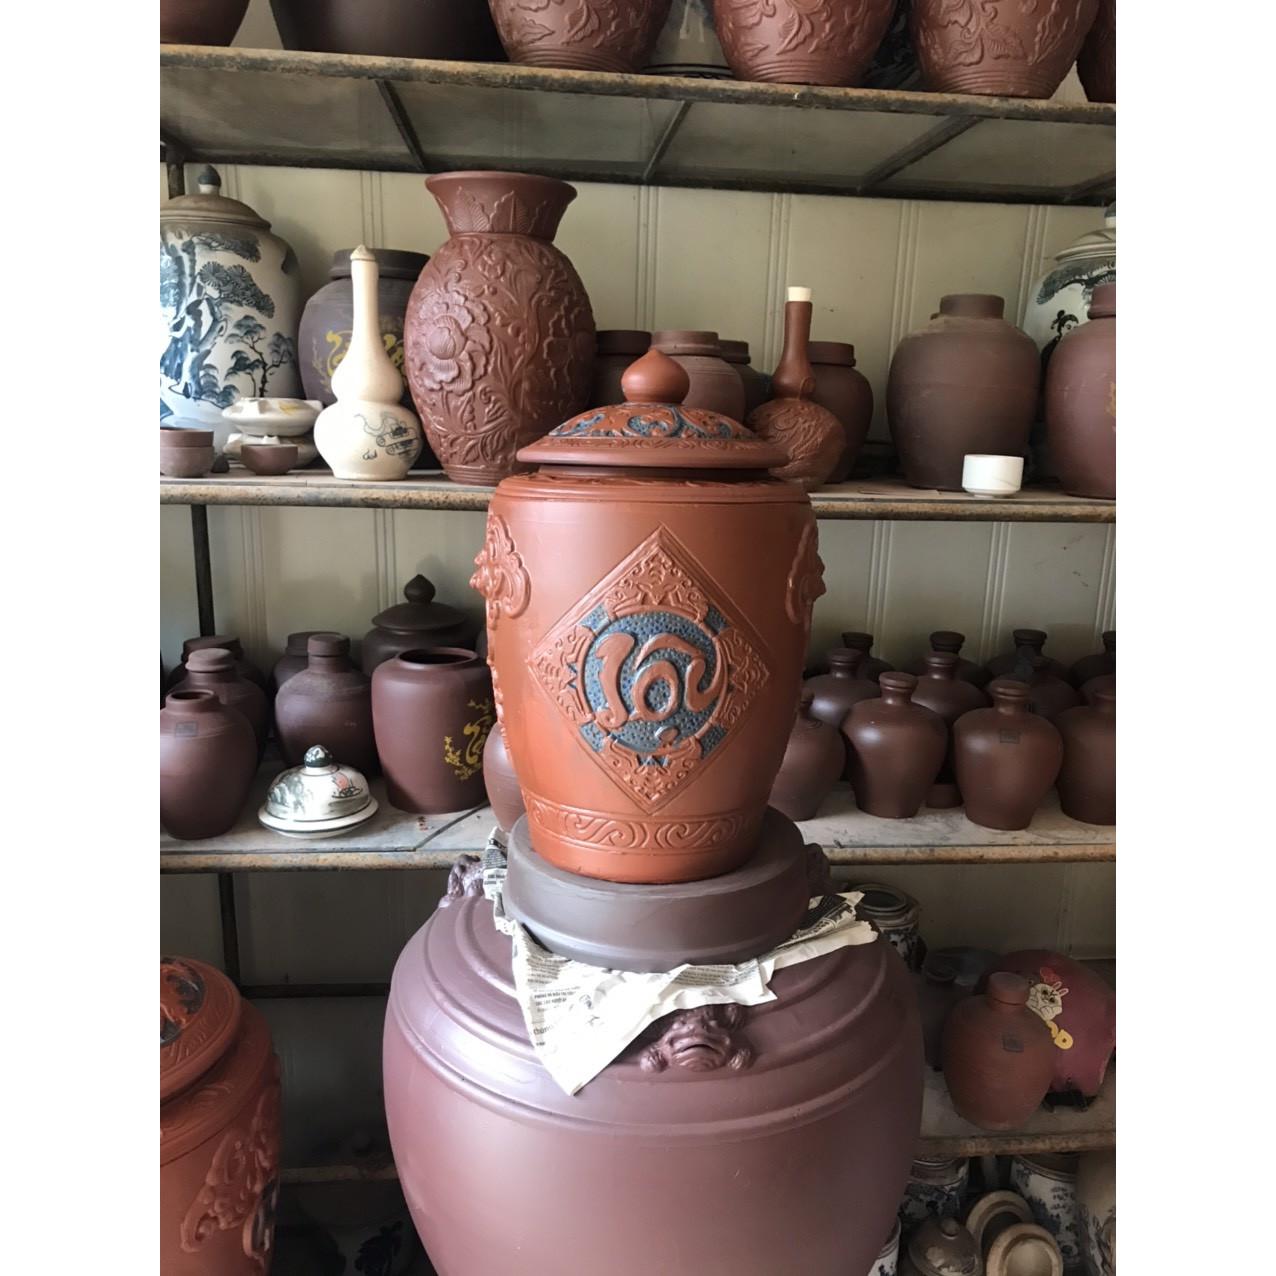 Hũ Sànhca đựng rượu gạo gốm sứ Bát Trang loại 15L( 10Kg gạo)